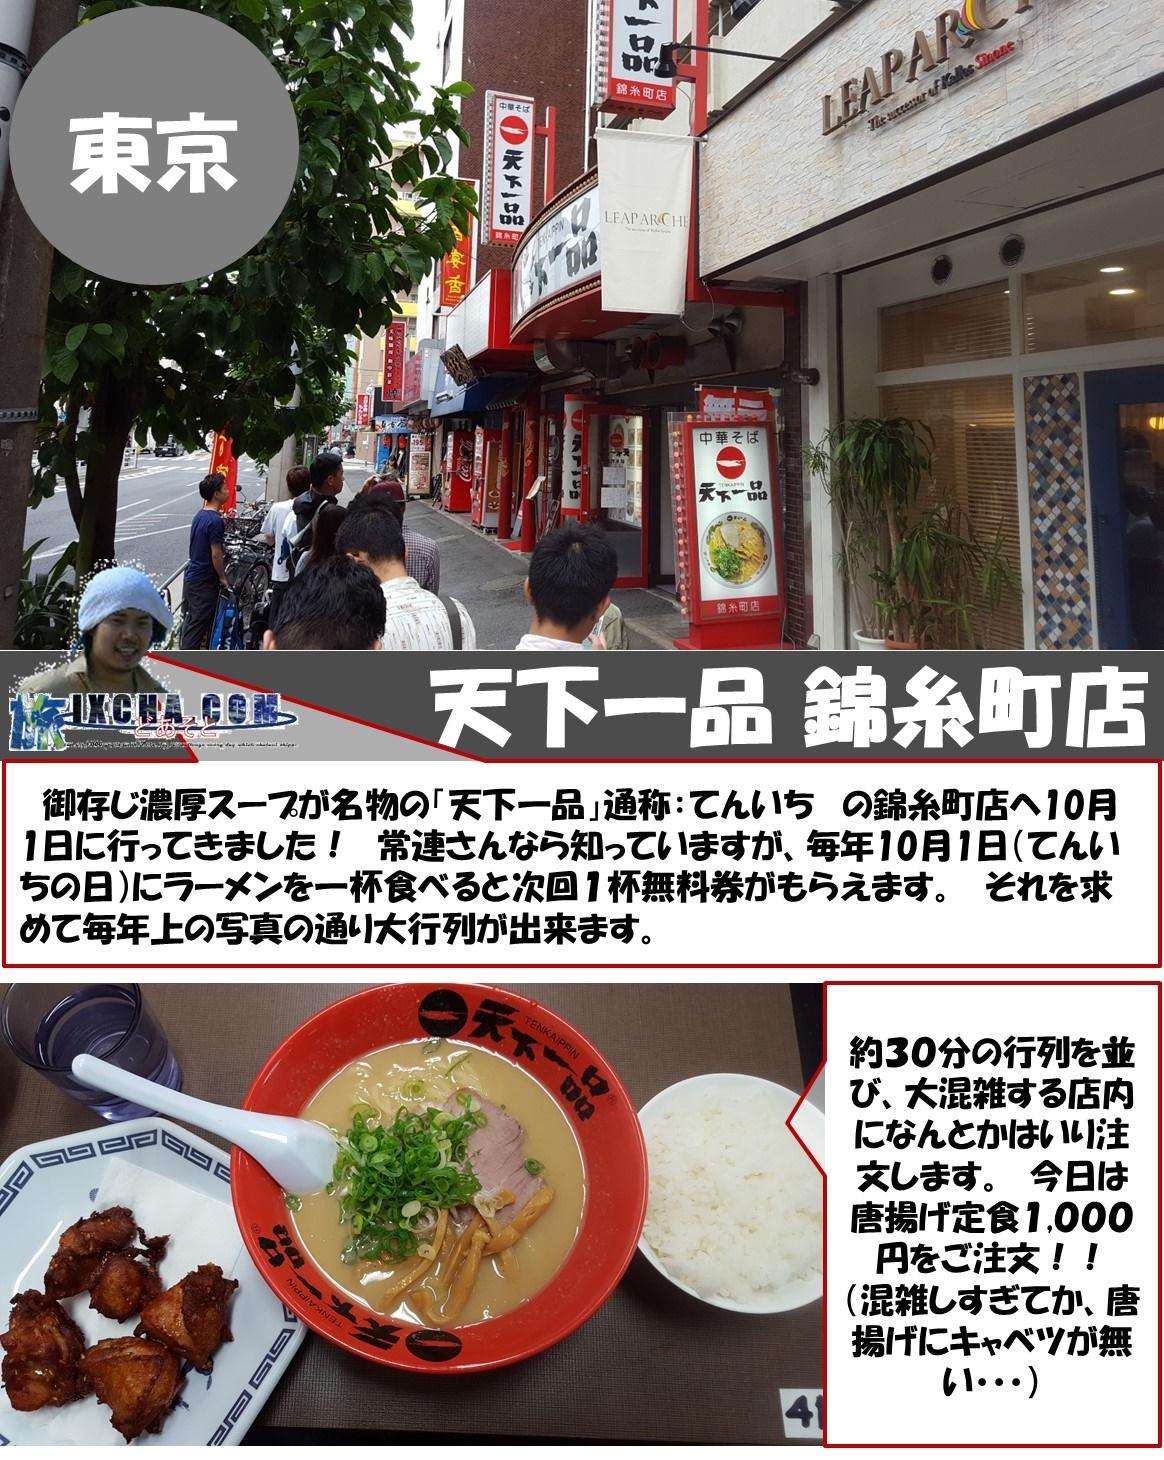 東京 天下一品 錦糸町店 御存じ濃厚スープが名物の「天下一品」通称:てんいち の錦糸町店へ10月1日に行ってきました! 常連さんなら知っていますが、毎年10月1日(てんいちの日)にラーメンを一杯食べると次回1杯無料券がもらえます。 それを求めて毎年上の写真の通り大行列が出来ます。   約30分の行列を並び、大混雑する店内になんとかはいり注文します。 今日は唐揚げ定食1,000円をご注文!! (混雑しすぎてか、唐揚げにキャベツが無い・・・)